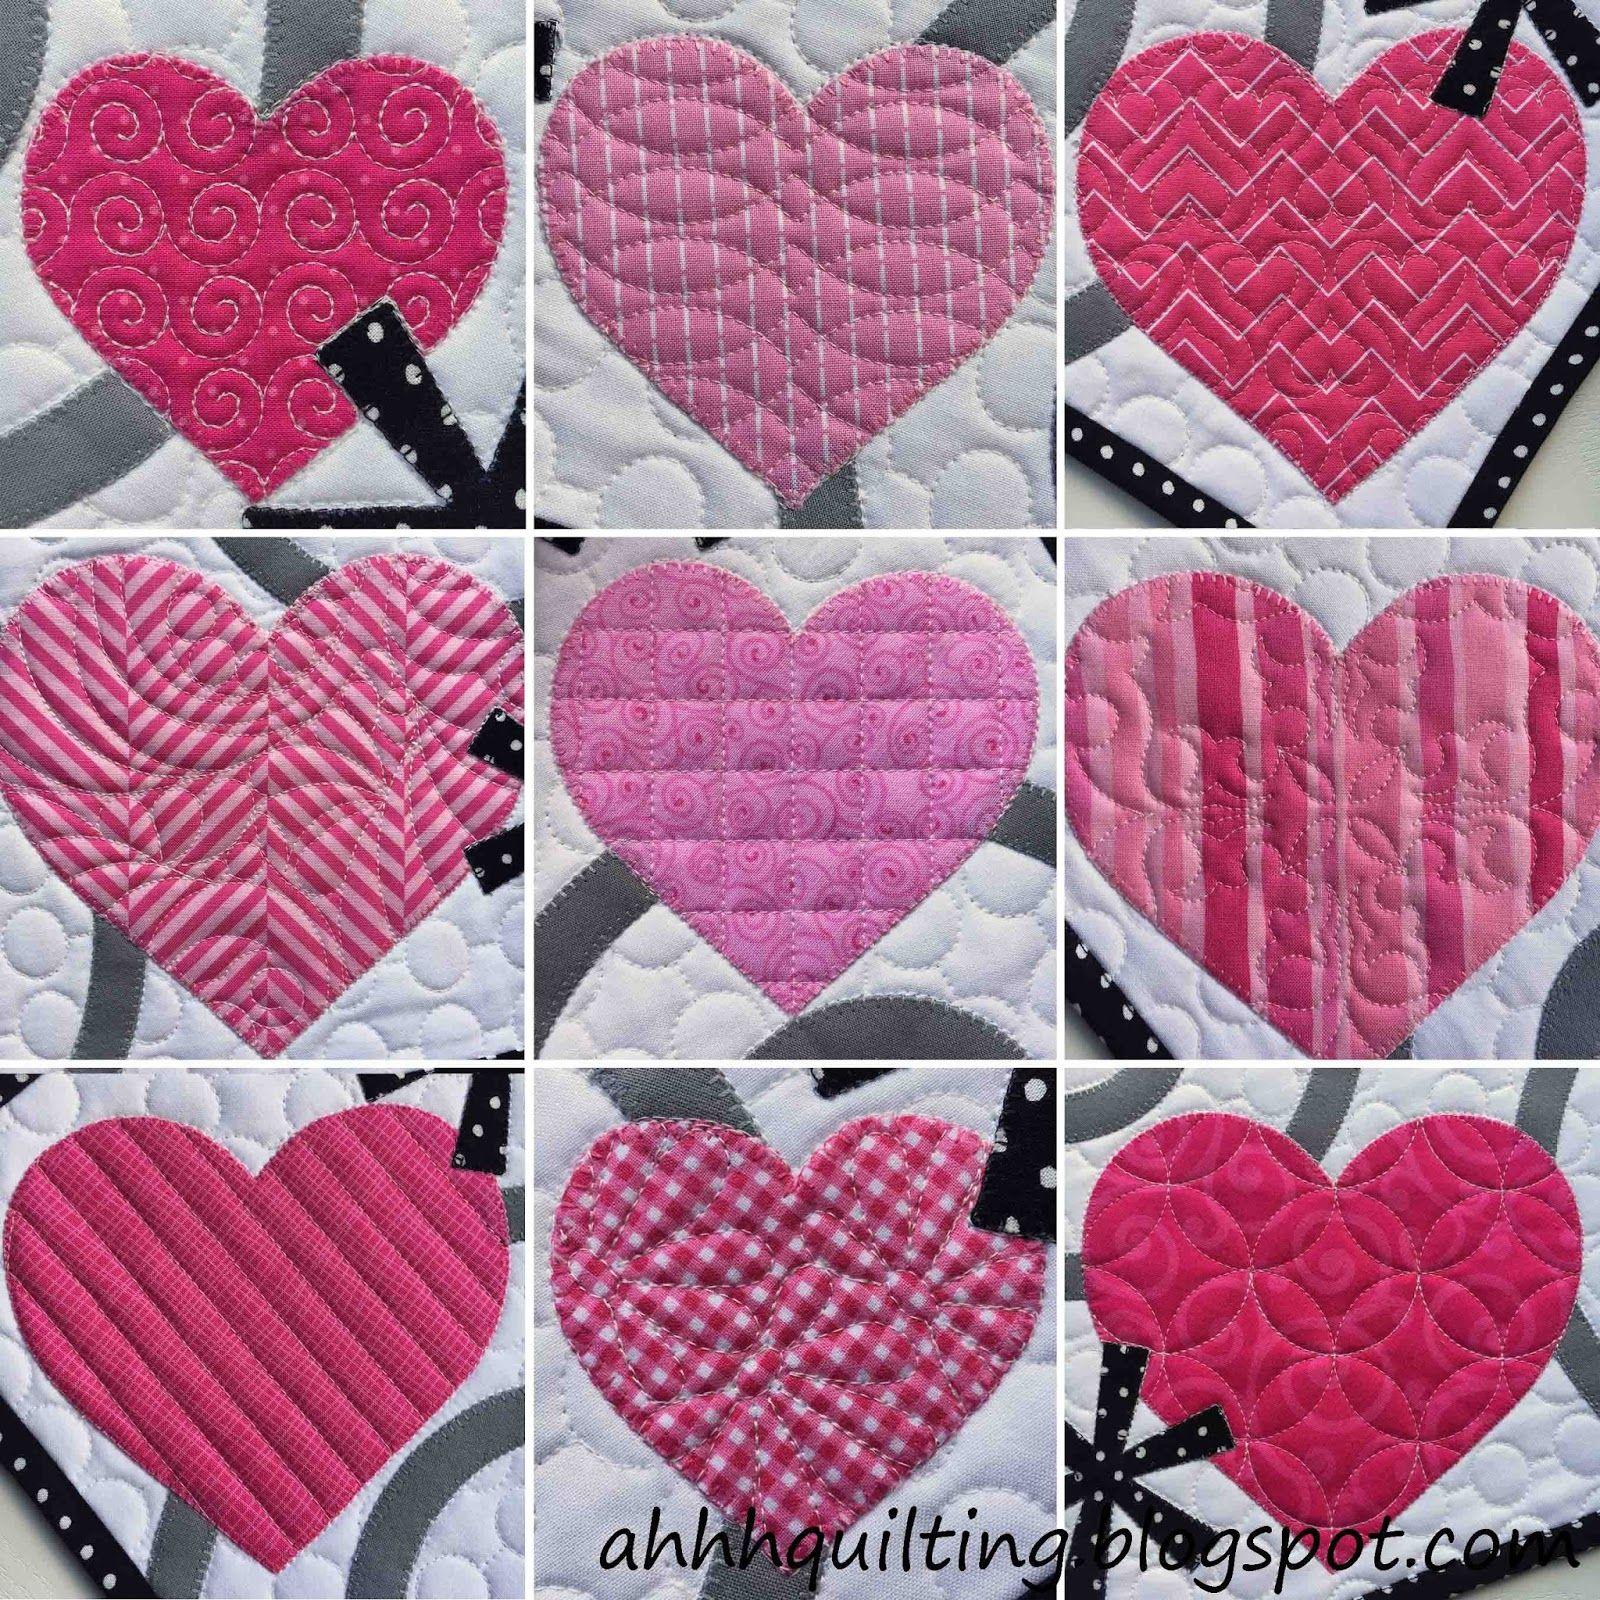 heart+quilting+closeups.jpg (1600×1600)